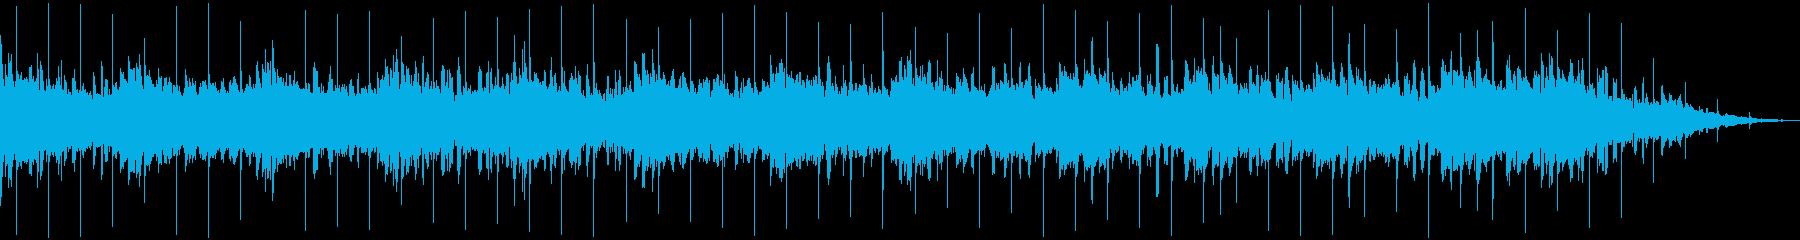 ミステリー系曲の再生済みの波形